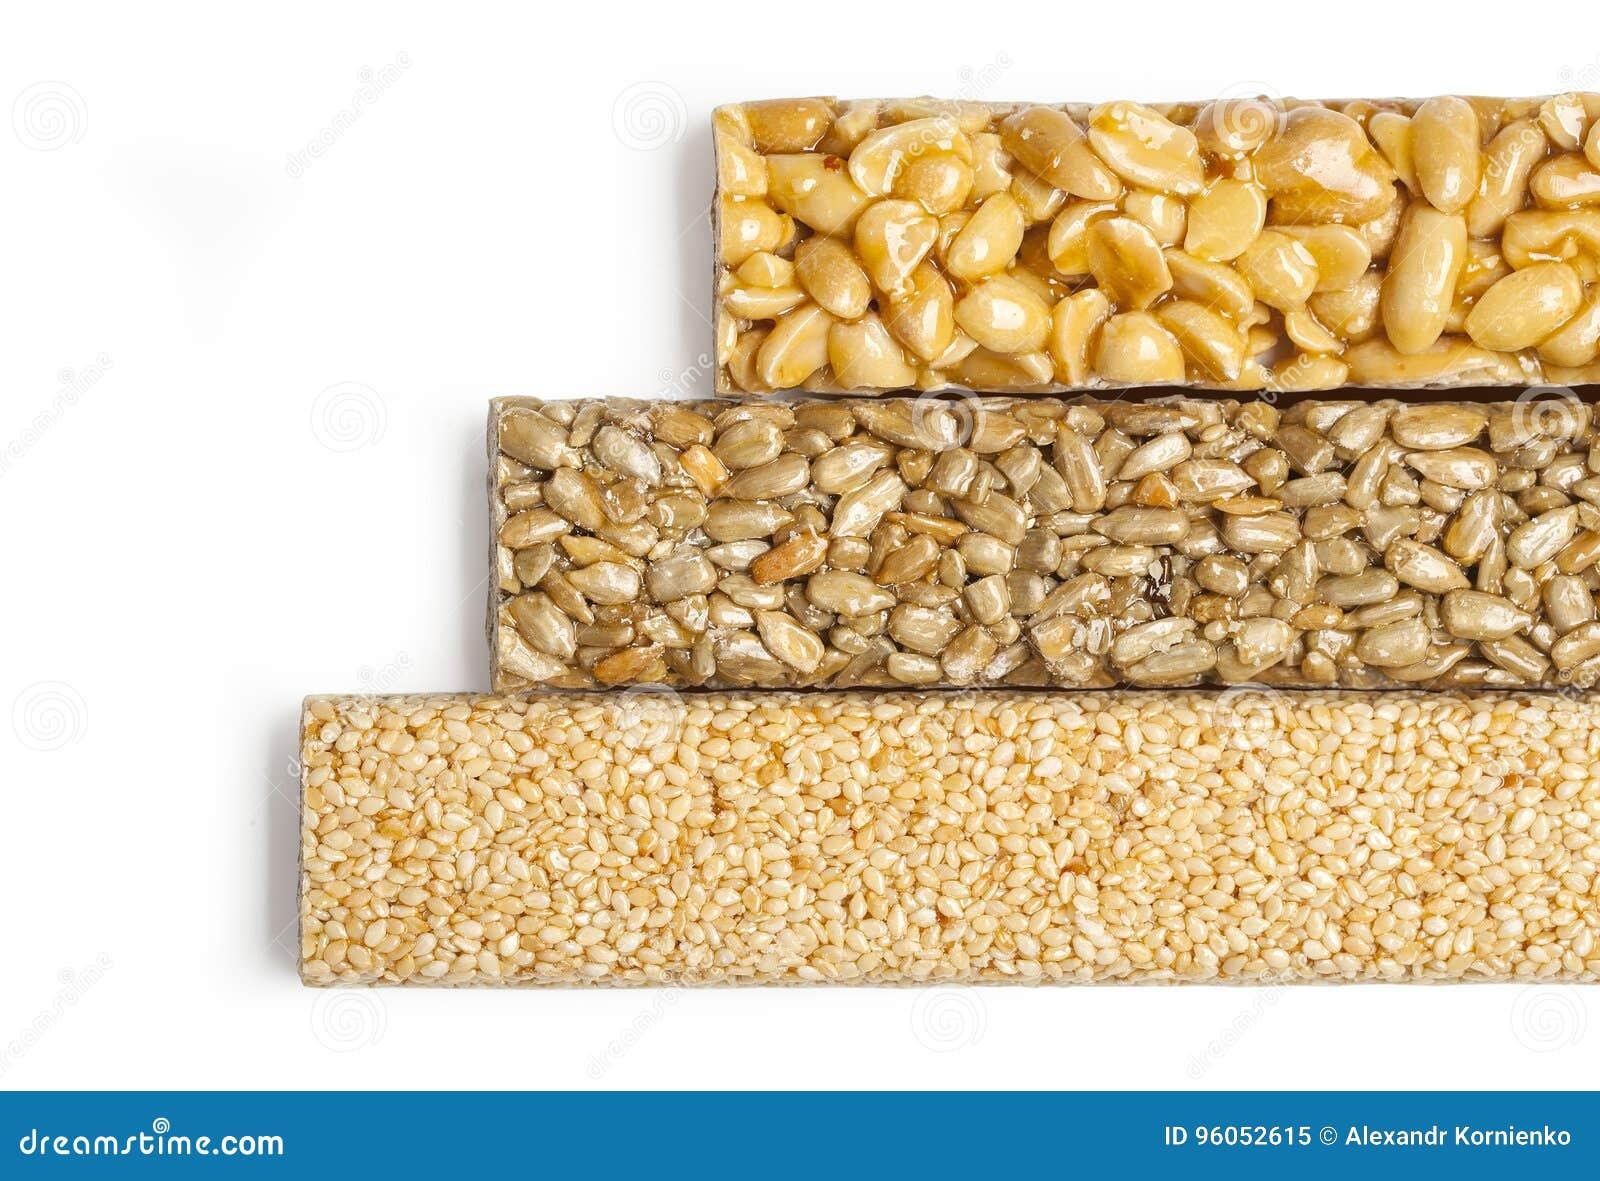 Graines de tournesol, sésame, arachides en sirop de sucre